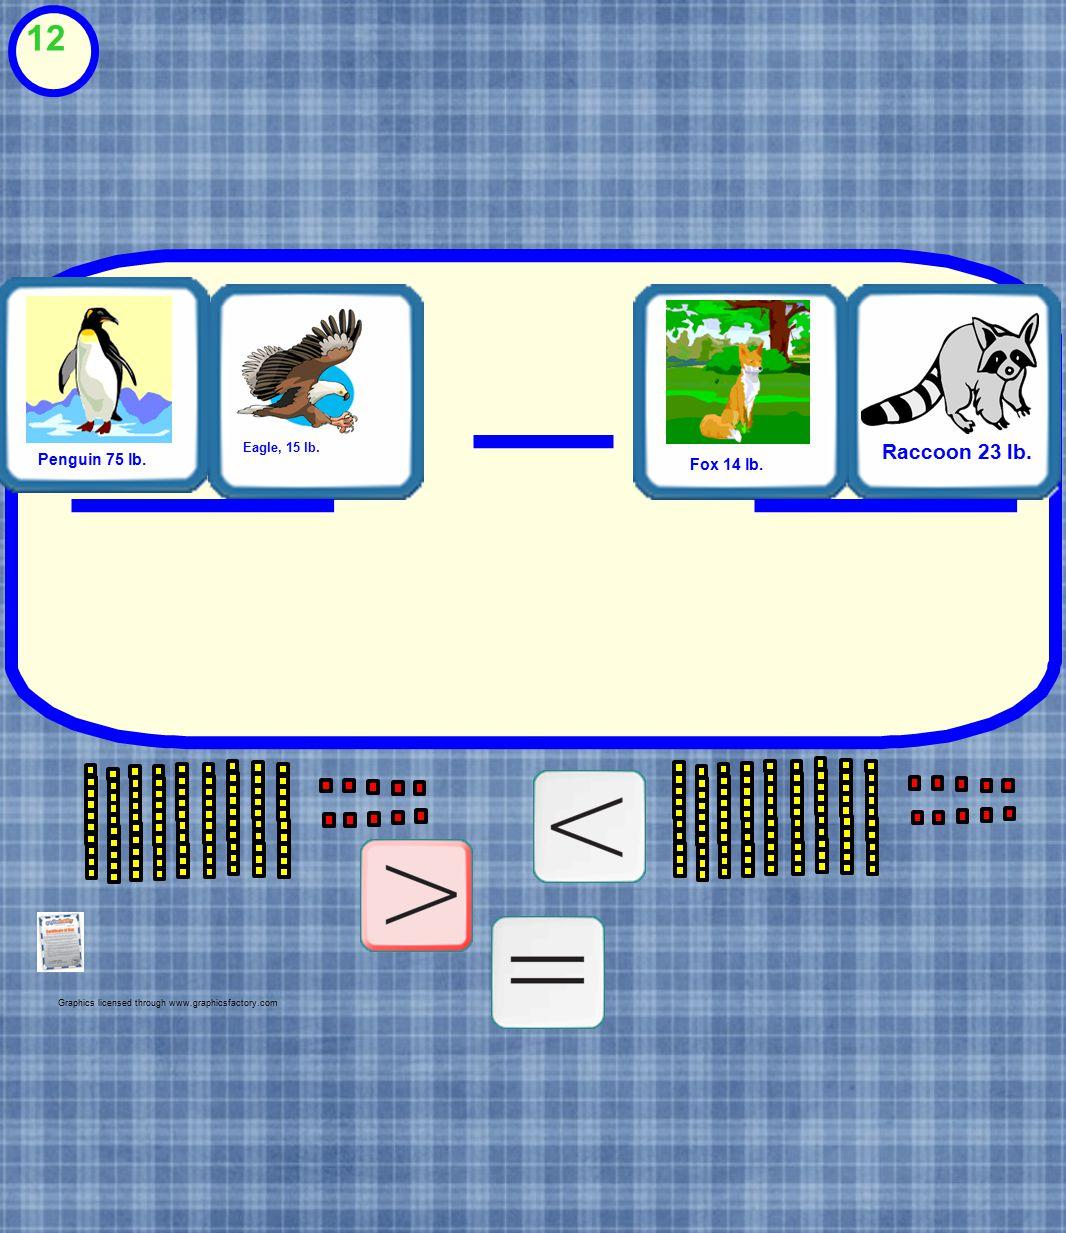 Eagle, 15 lb. Raccoon 23 lb. Fox 14 lb. Graphics licensed through www.graphicsfactory.com Penguin 75 lb. 12